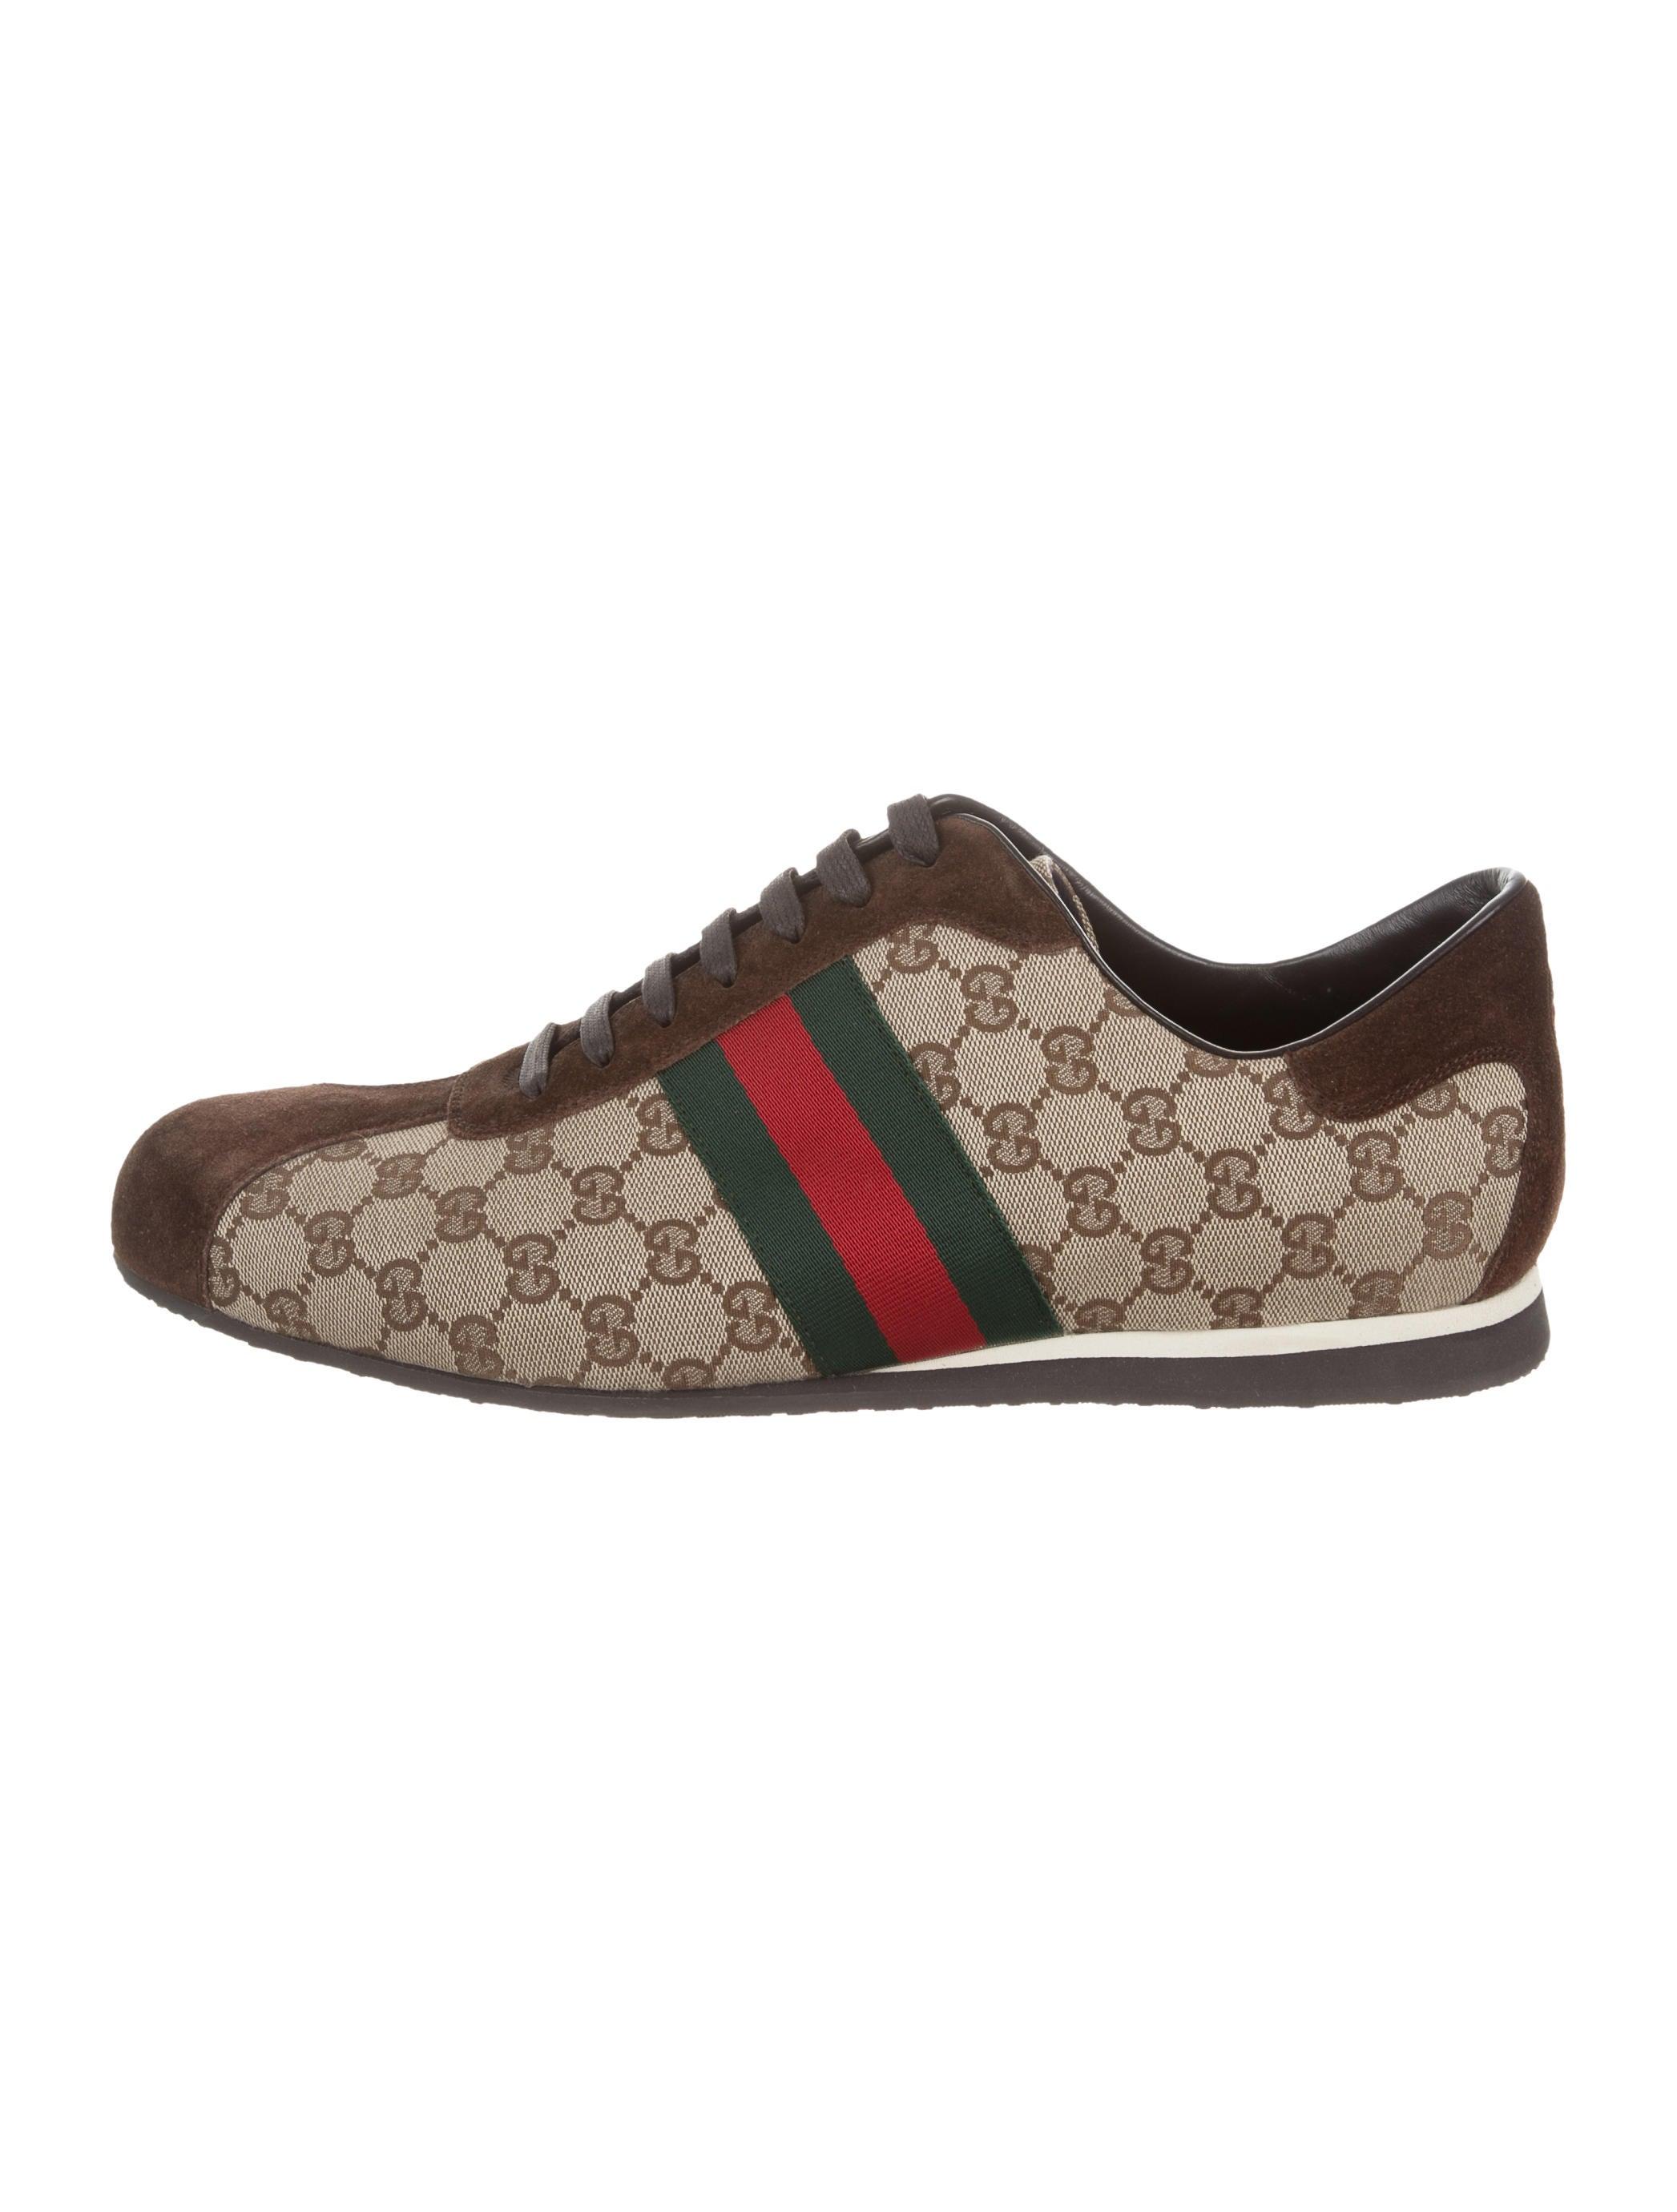 Gucci Shoe Laces For Sale